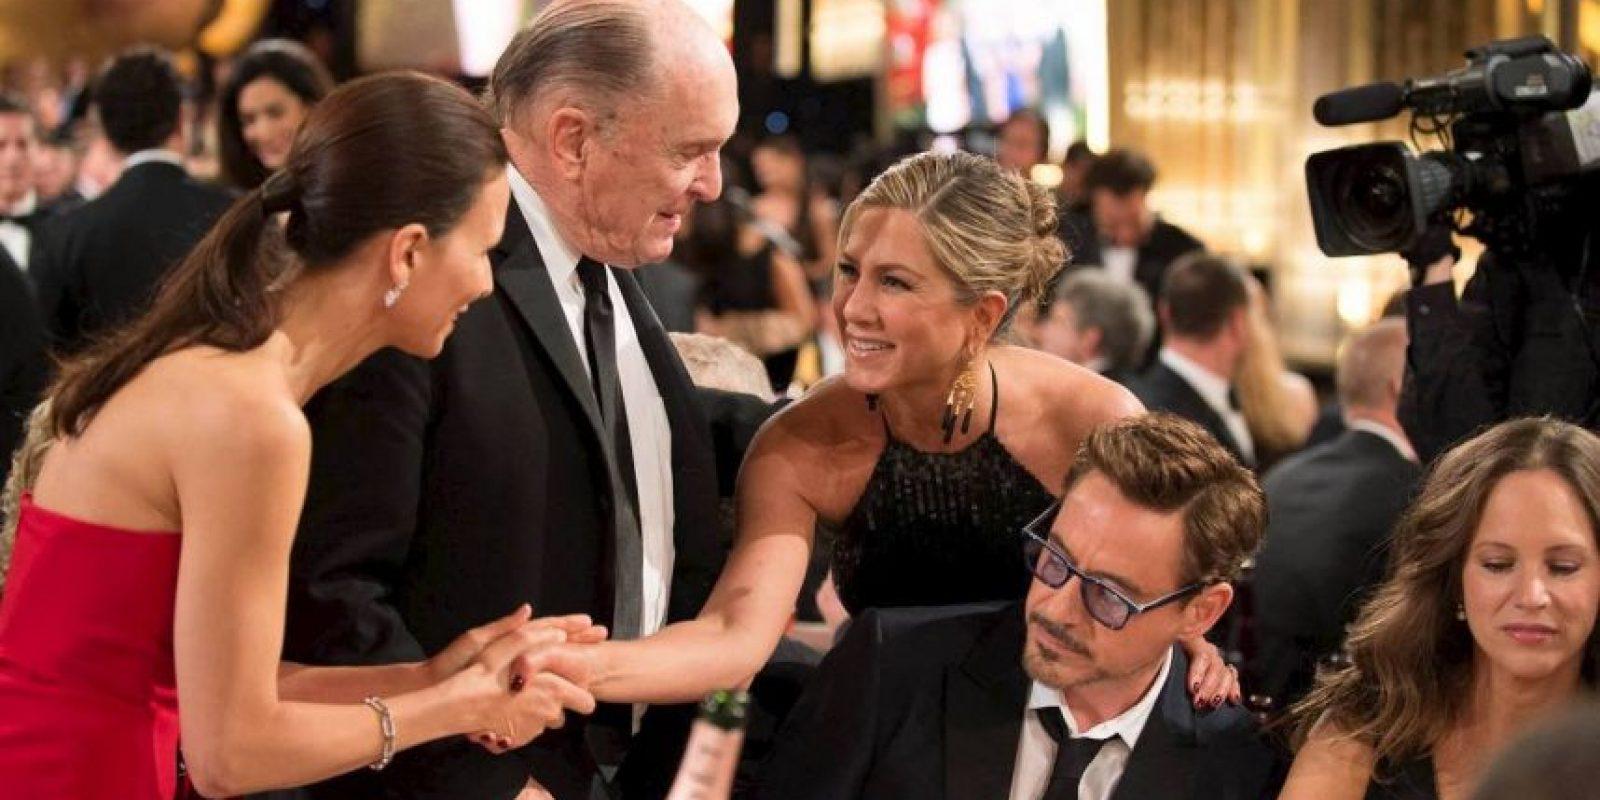 Jennifer Aniston saluda a Robert Duvall y su mujer, pasando sobre Robert Downey Jr. Foto:J. Melnick desde Los Ángeles para Metro